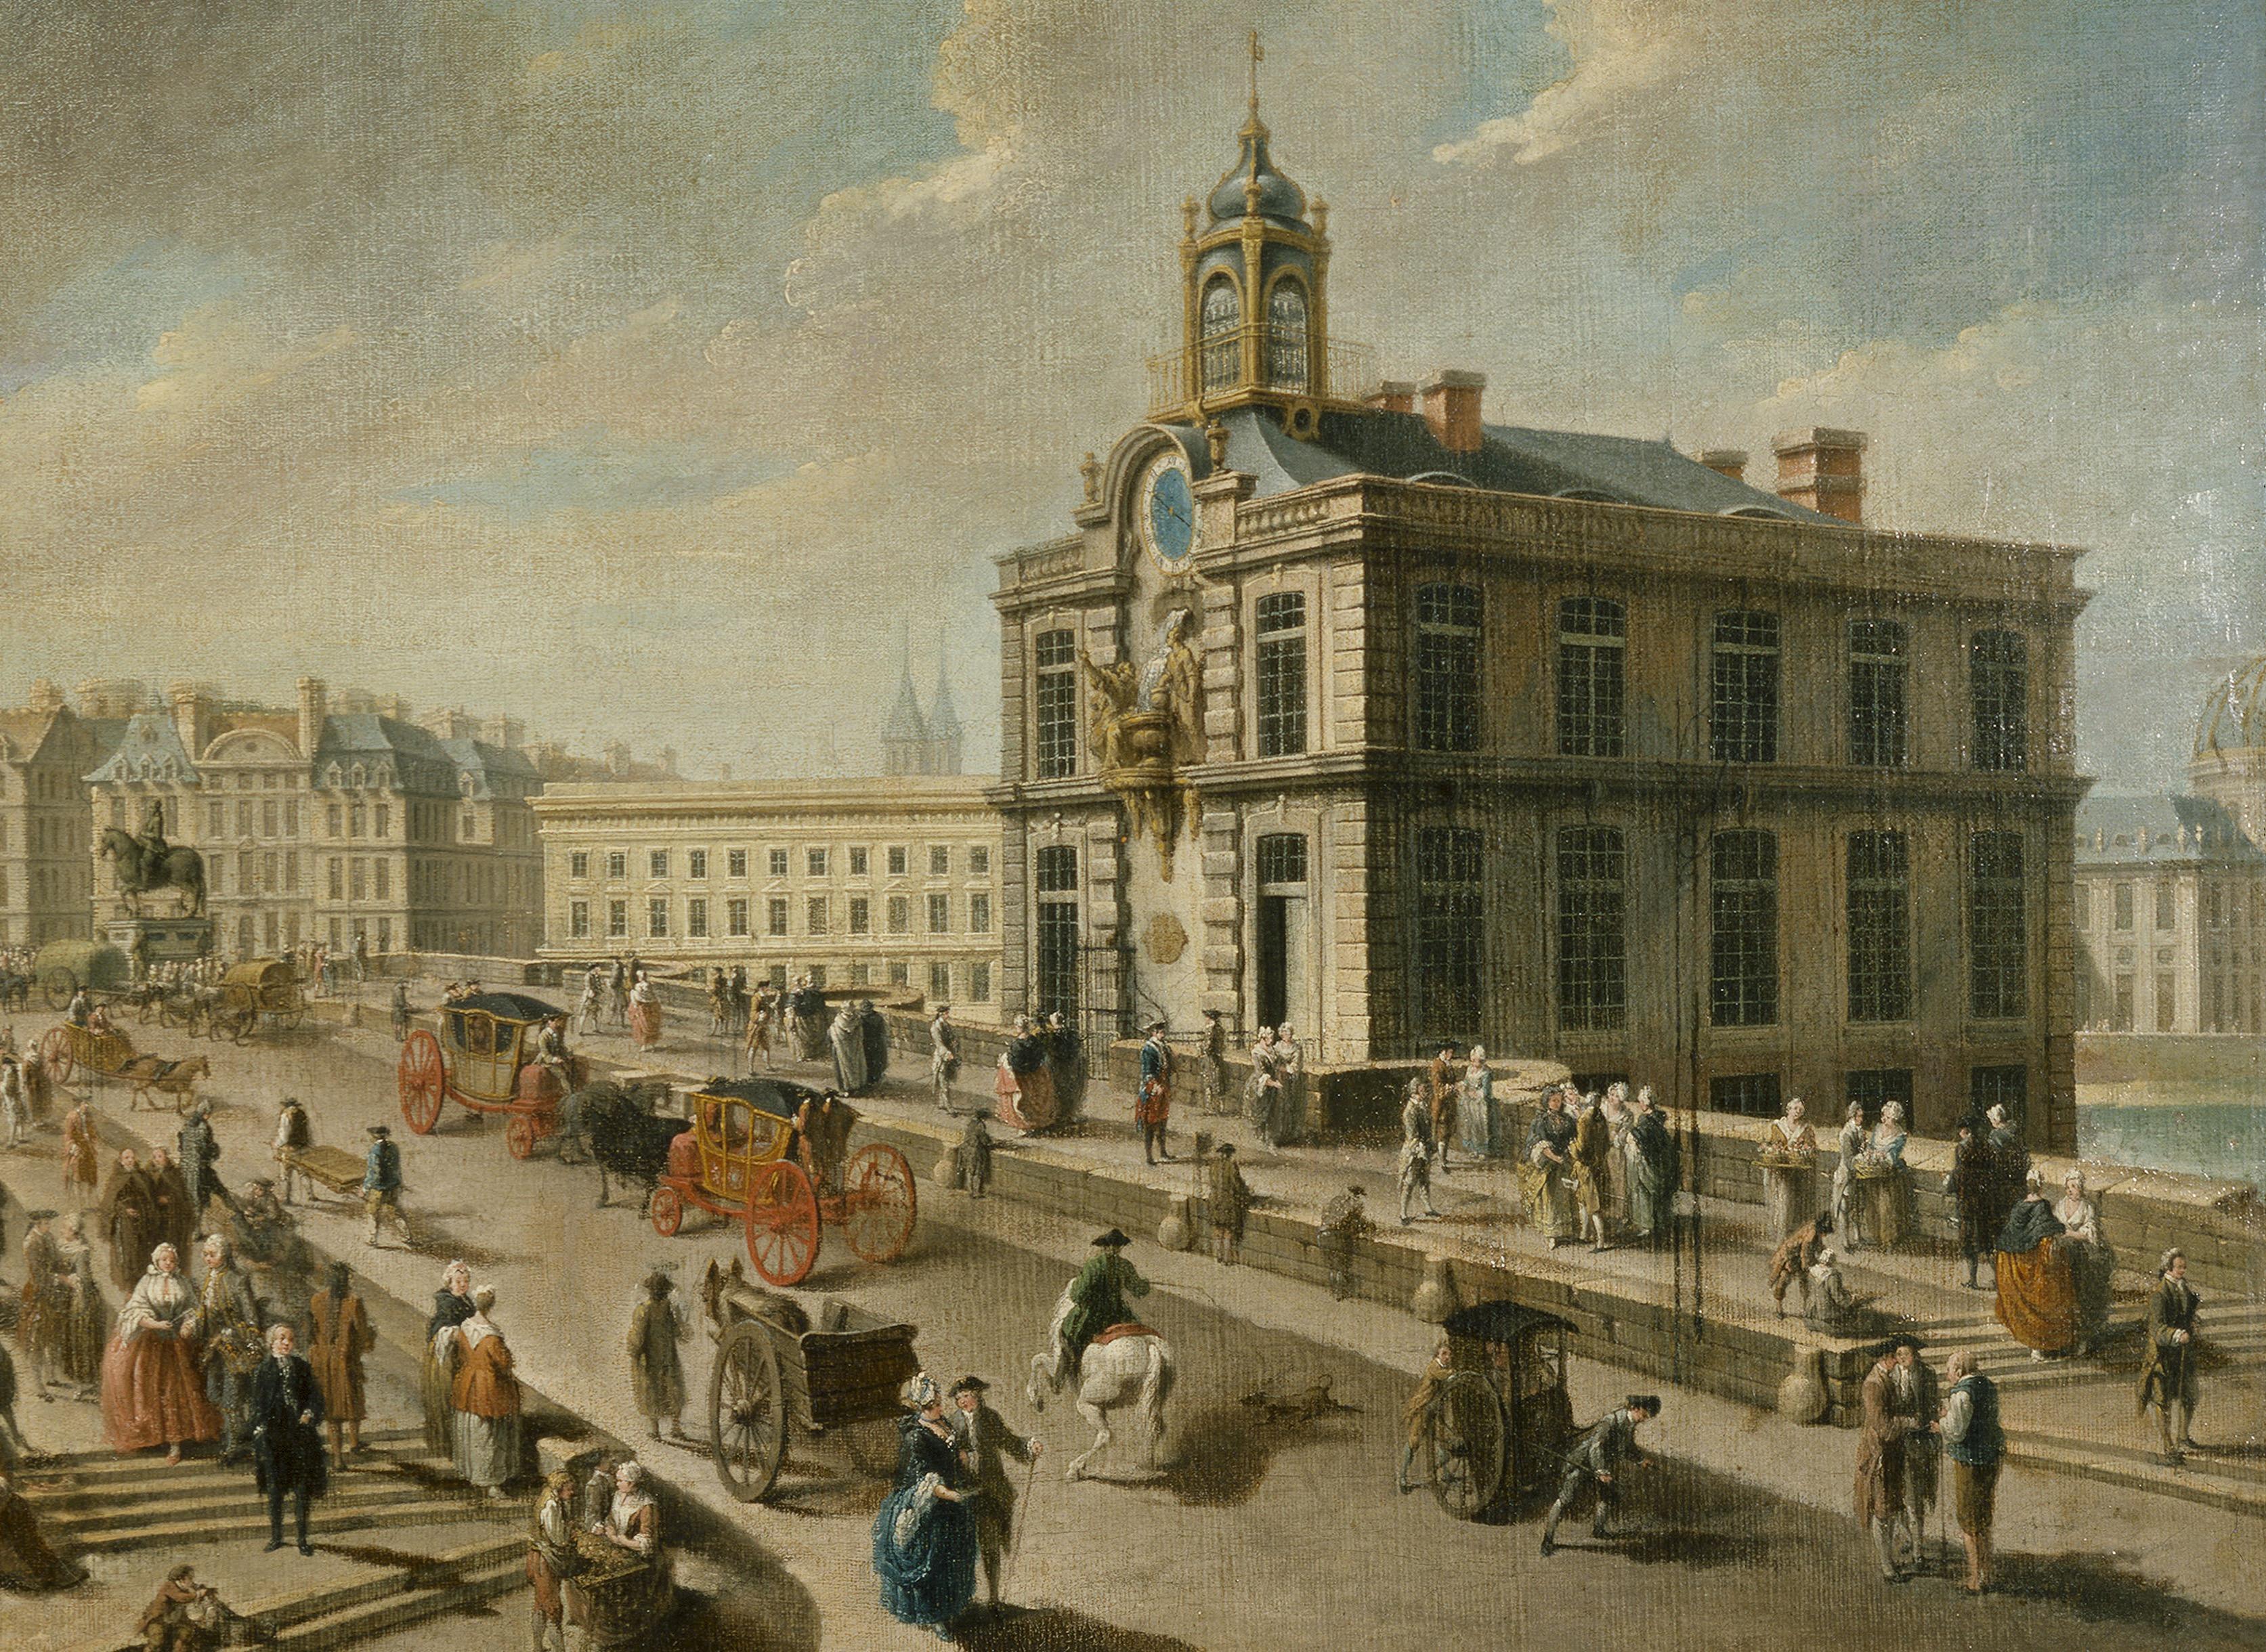 """Nicolas-Jean-Baptiste Raguenet (1715-1793). """"Le Pont-Neuf et la pompe de la Samaritaine, vus du quai de la MÈgisserie, 1777"""". Huile sur toile. Paris, musÈe Carnavalet."""